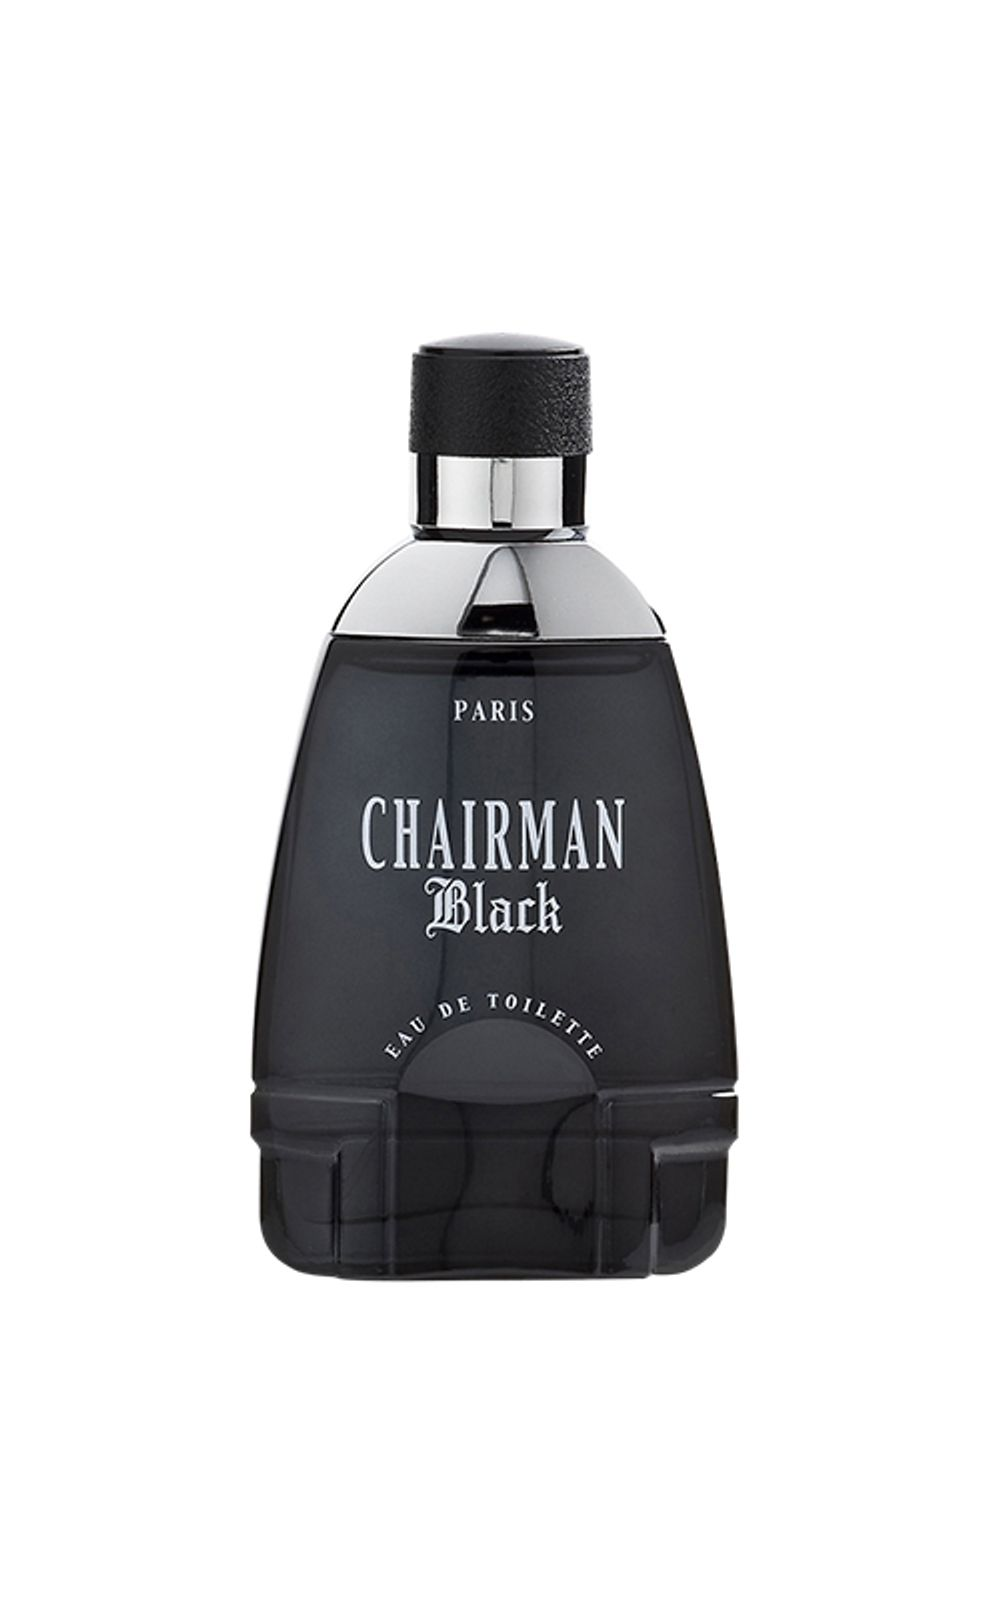 Foto 1 - Chairman Black Paris Bleu - Perfume Masculino - Eau de Toilette - 100ml